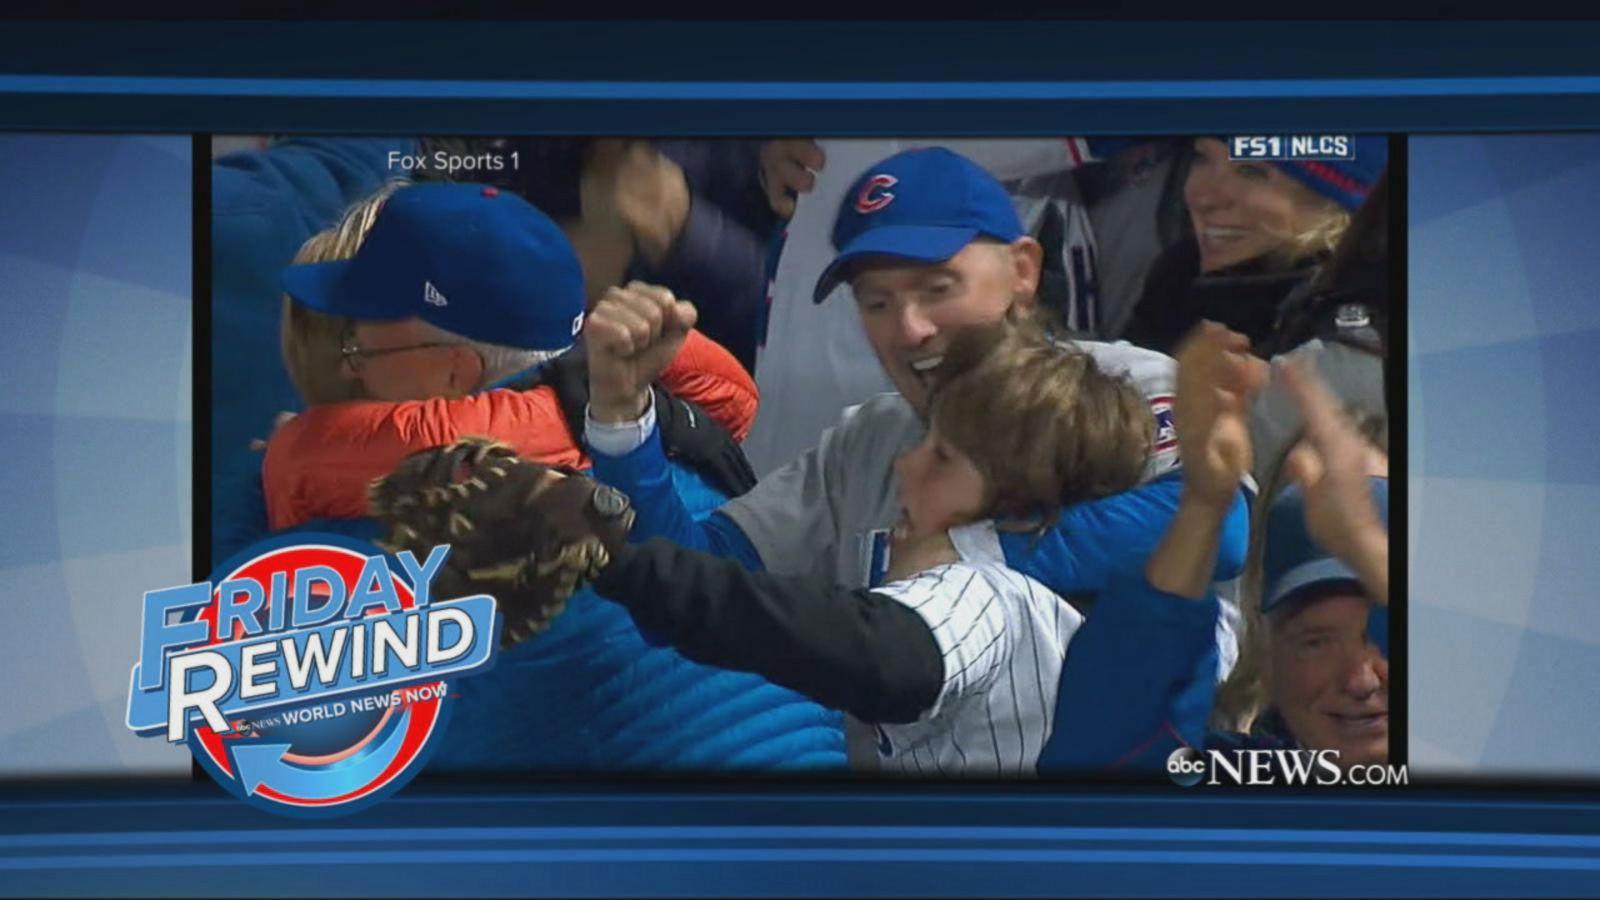 VIDEO: Friday Rewind: World Series